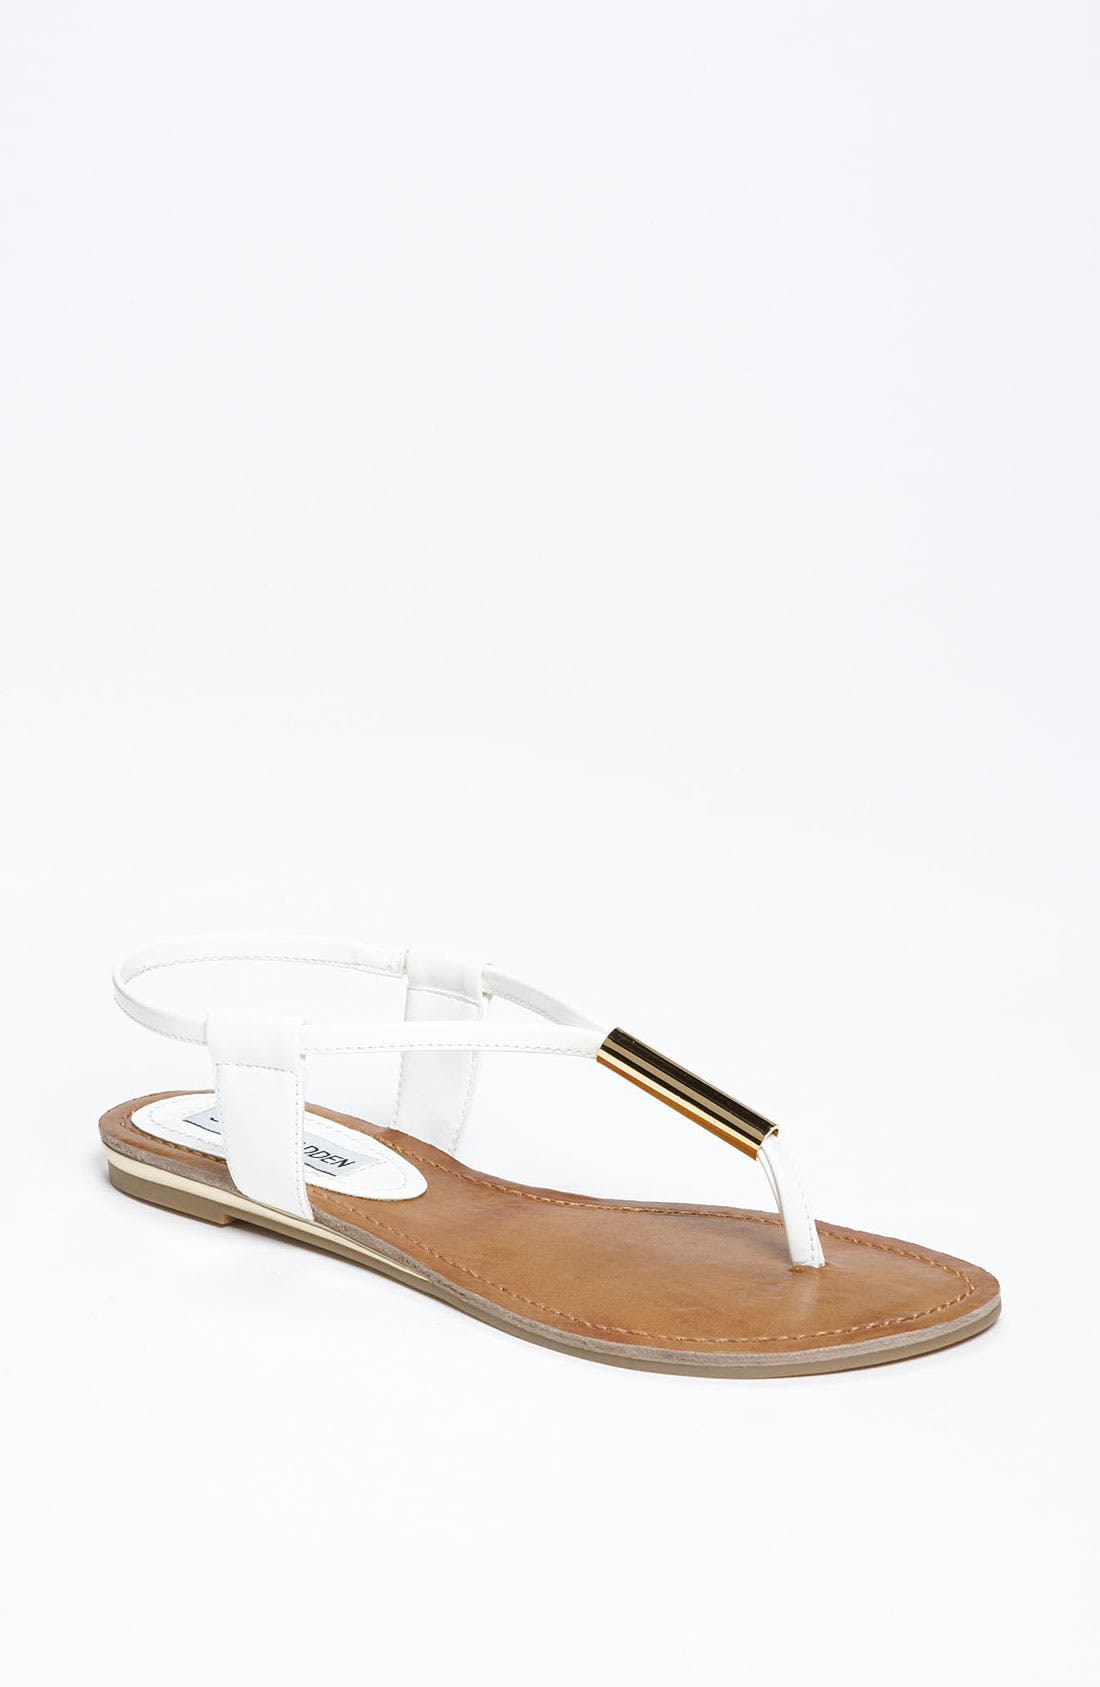 Alternate Image 1 Selected - Steve Madden 'Hamil' Sandal